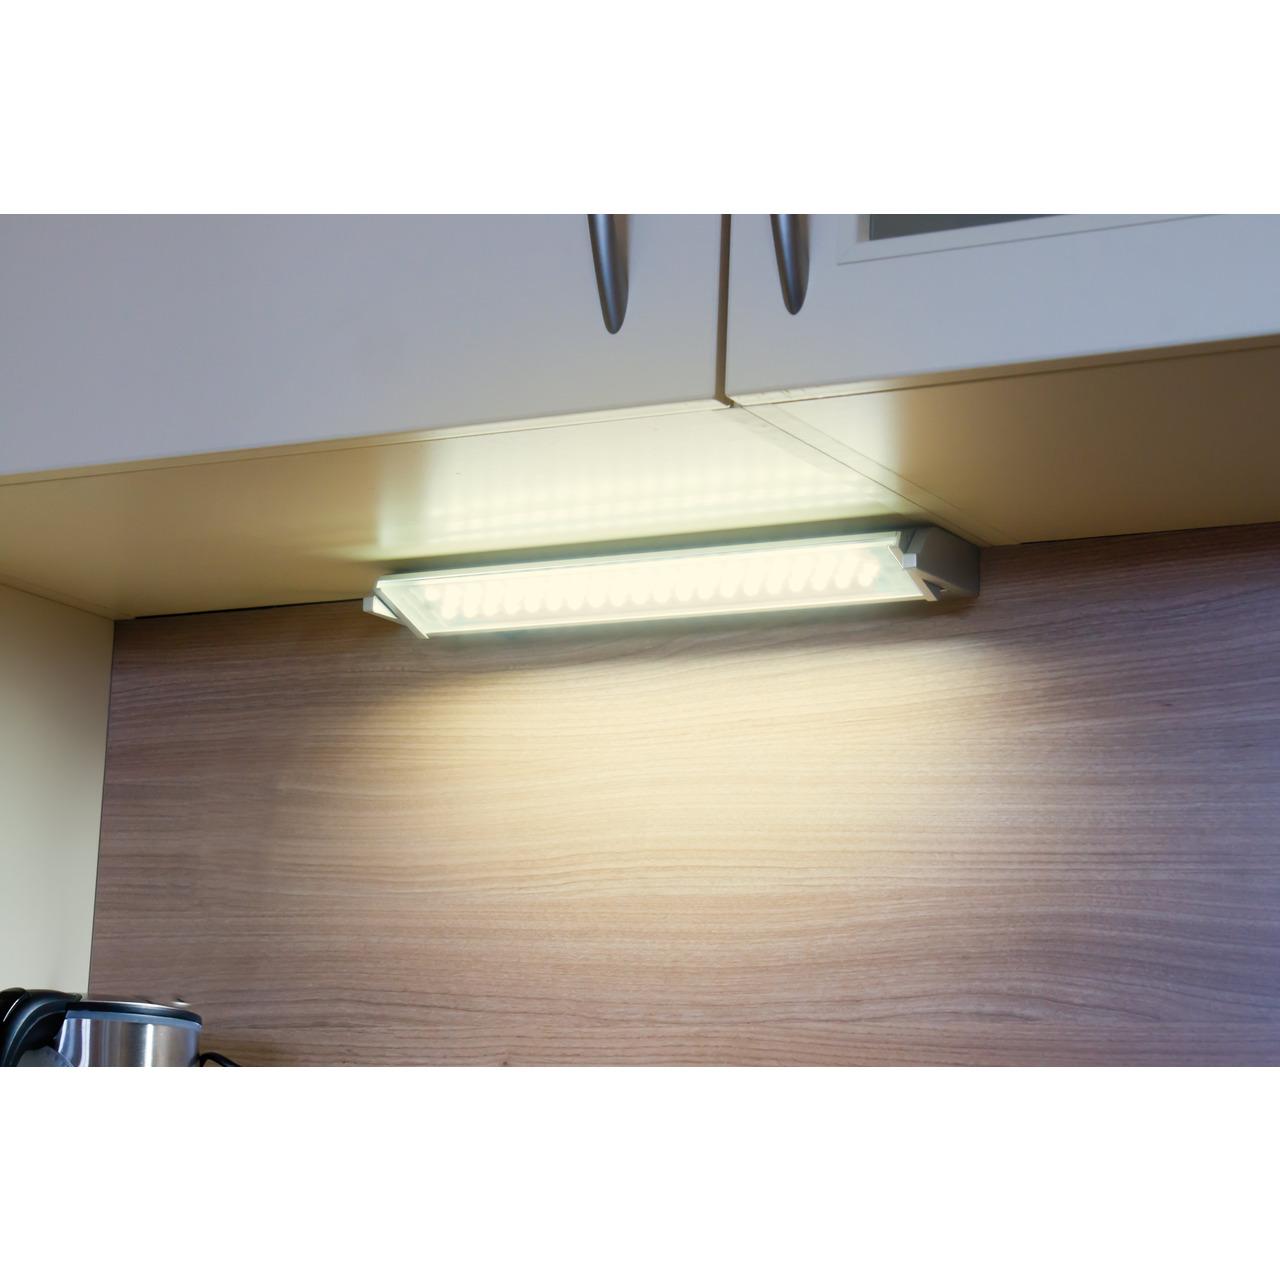 Heitronic Schwenkbare LED-Unterbauleuchte MIAMI- 5 W- 370 lm- warmweiund-223 - 35 cm